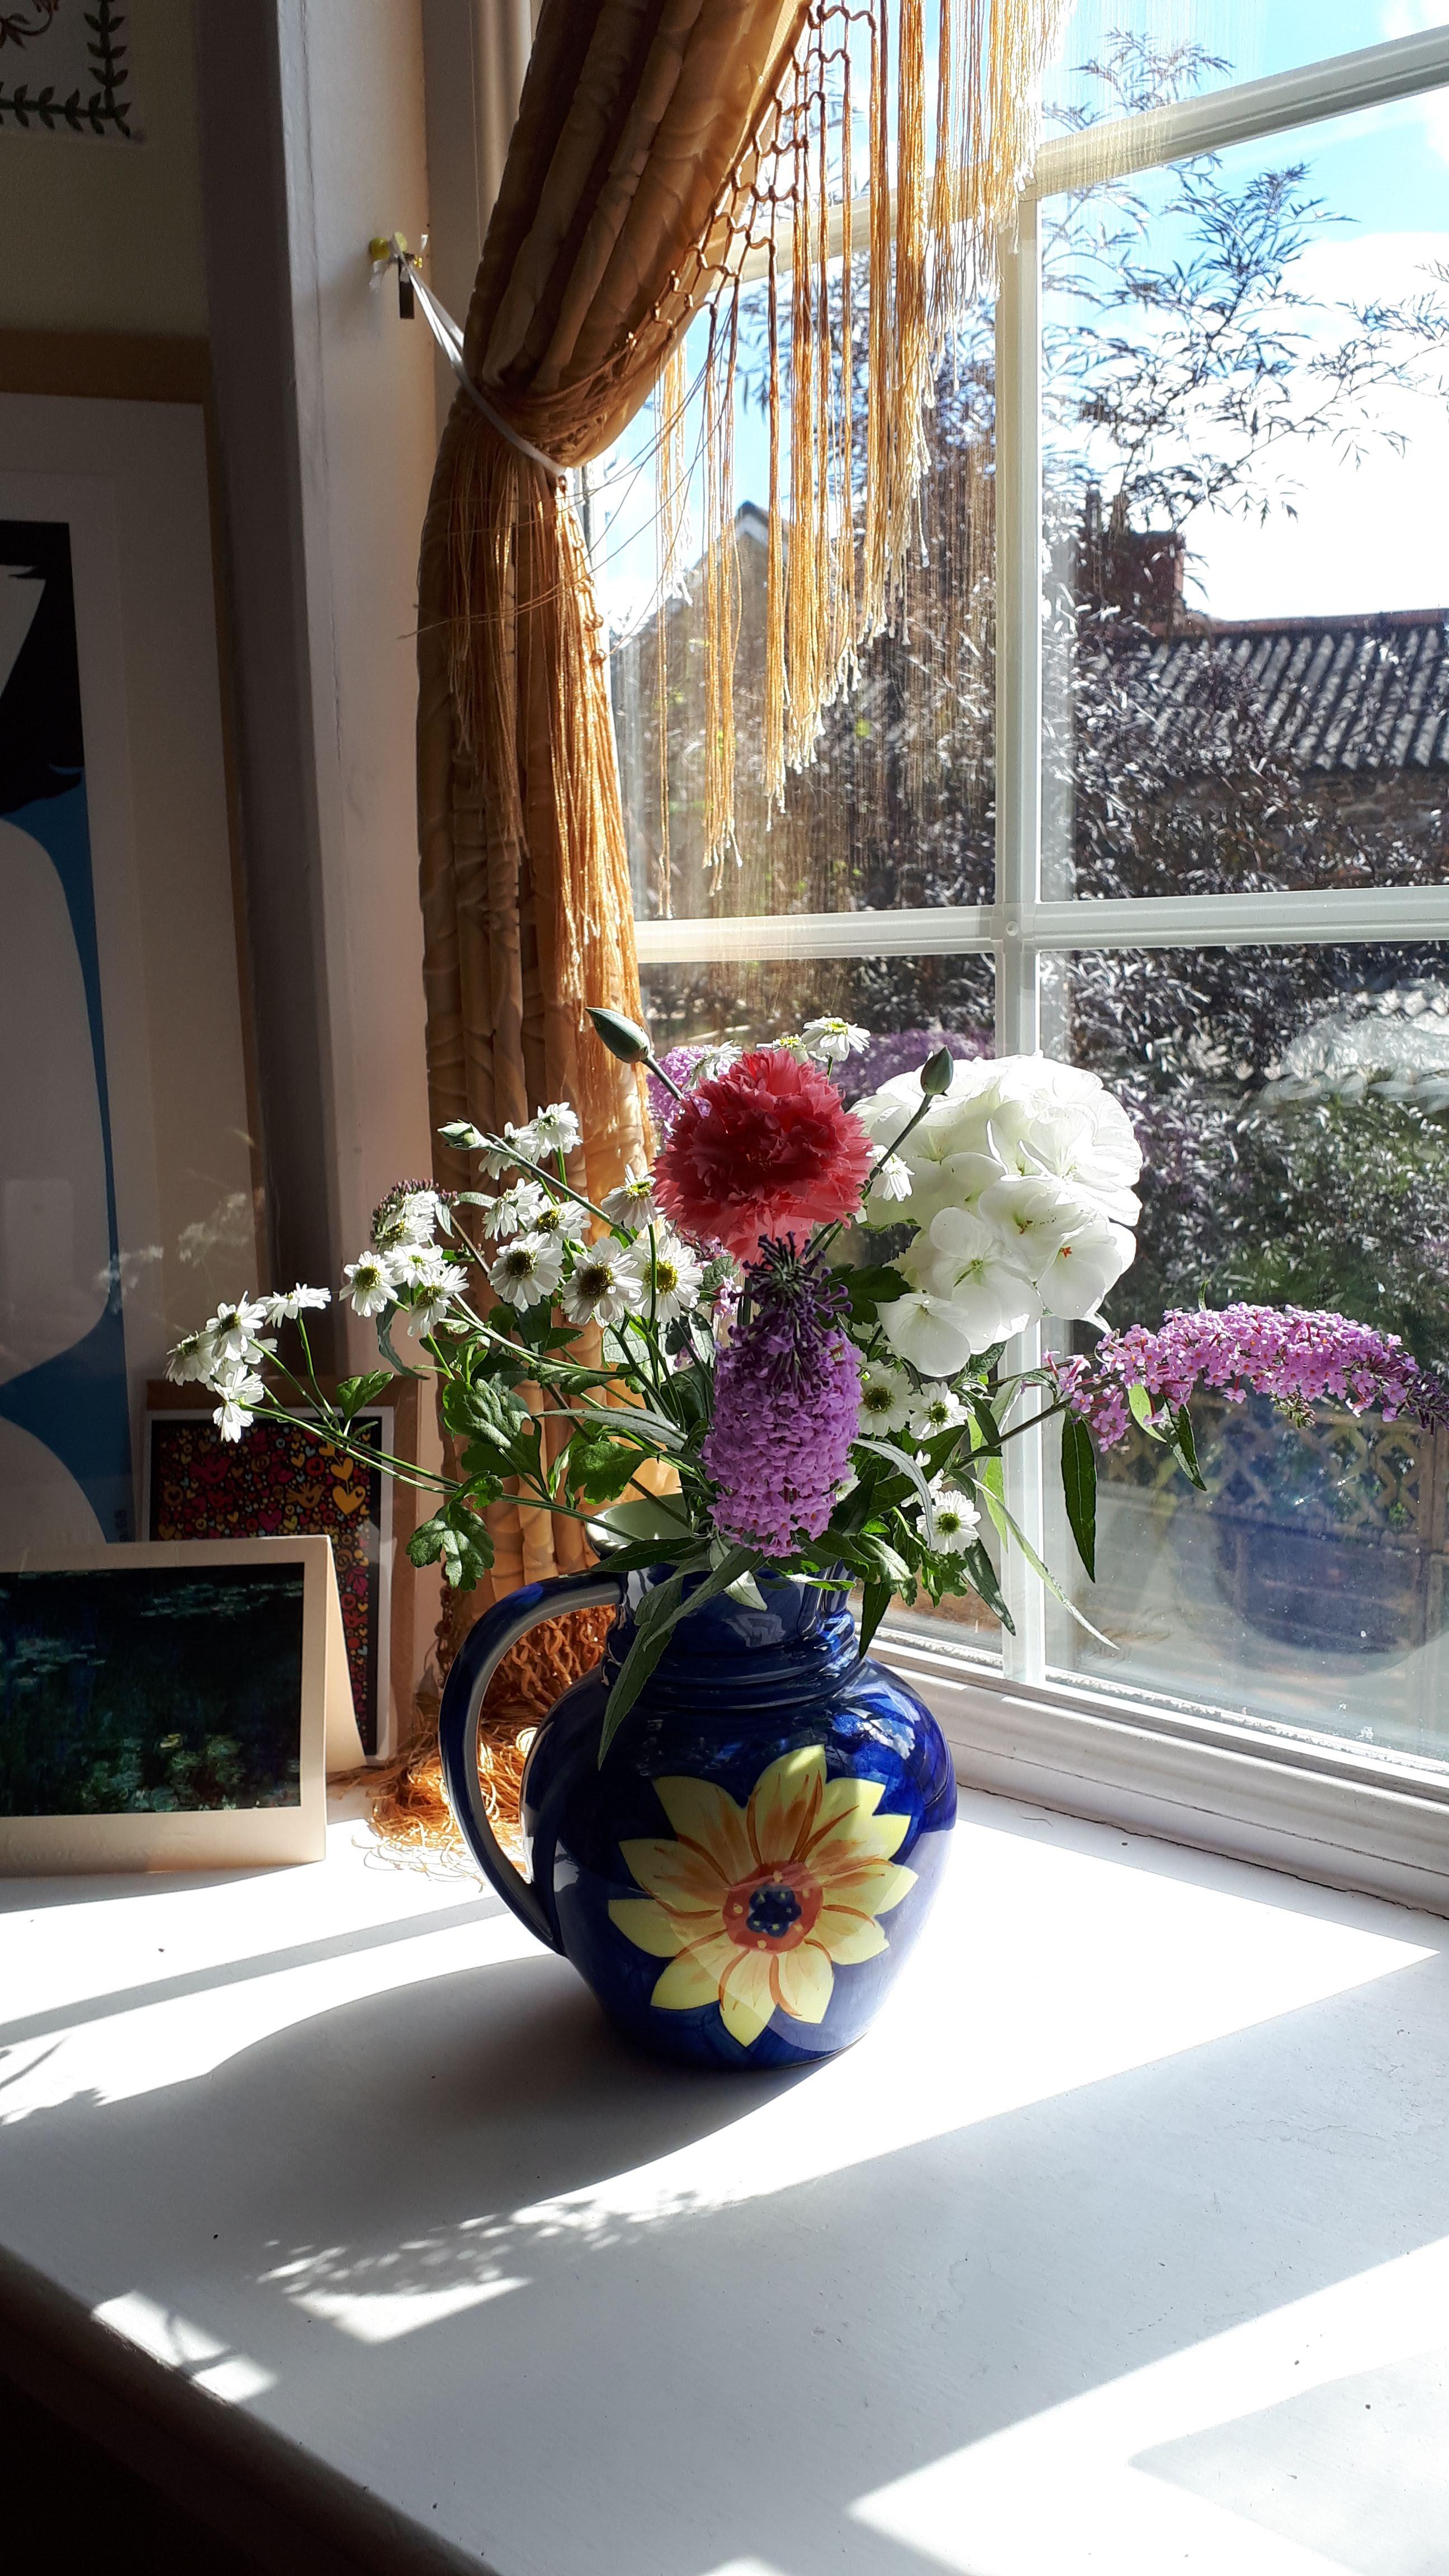 Butterfly bush in a vase on Monday